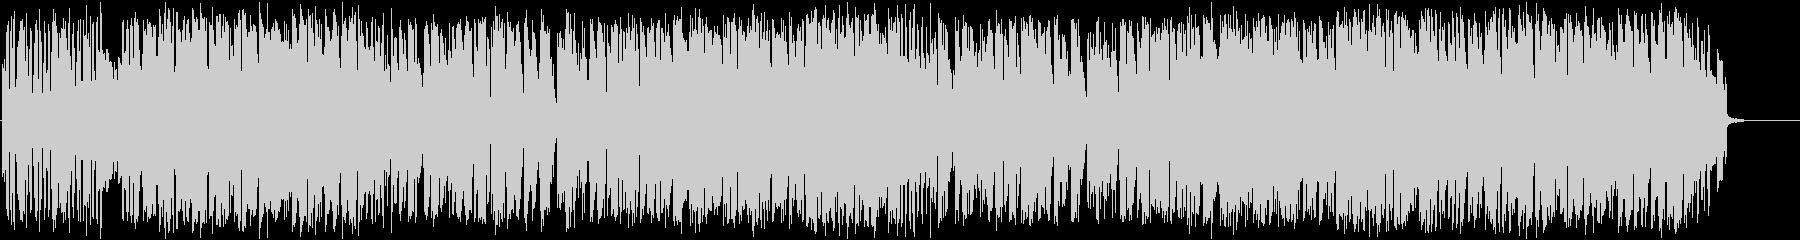 トランペットがおしゃれなゆったりとした曲の未再生の波形